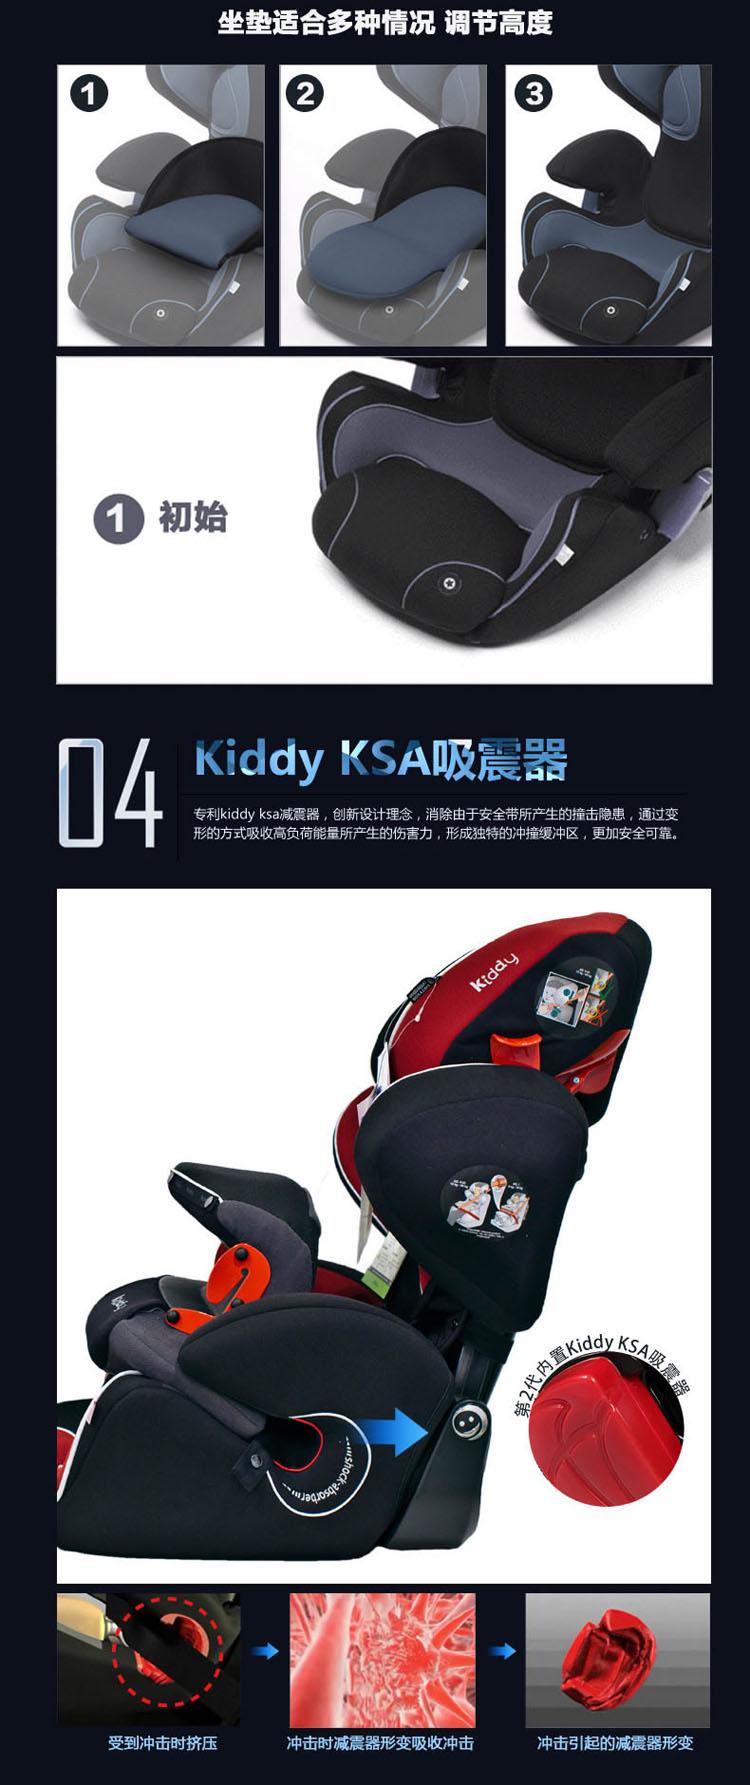 德国kiddy奇蒂儿童汽车安全座椅守护者2代(guardianpro2)系列-幻影